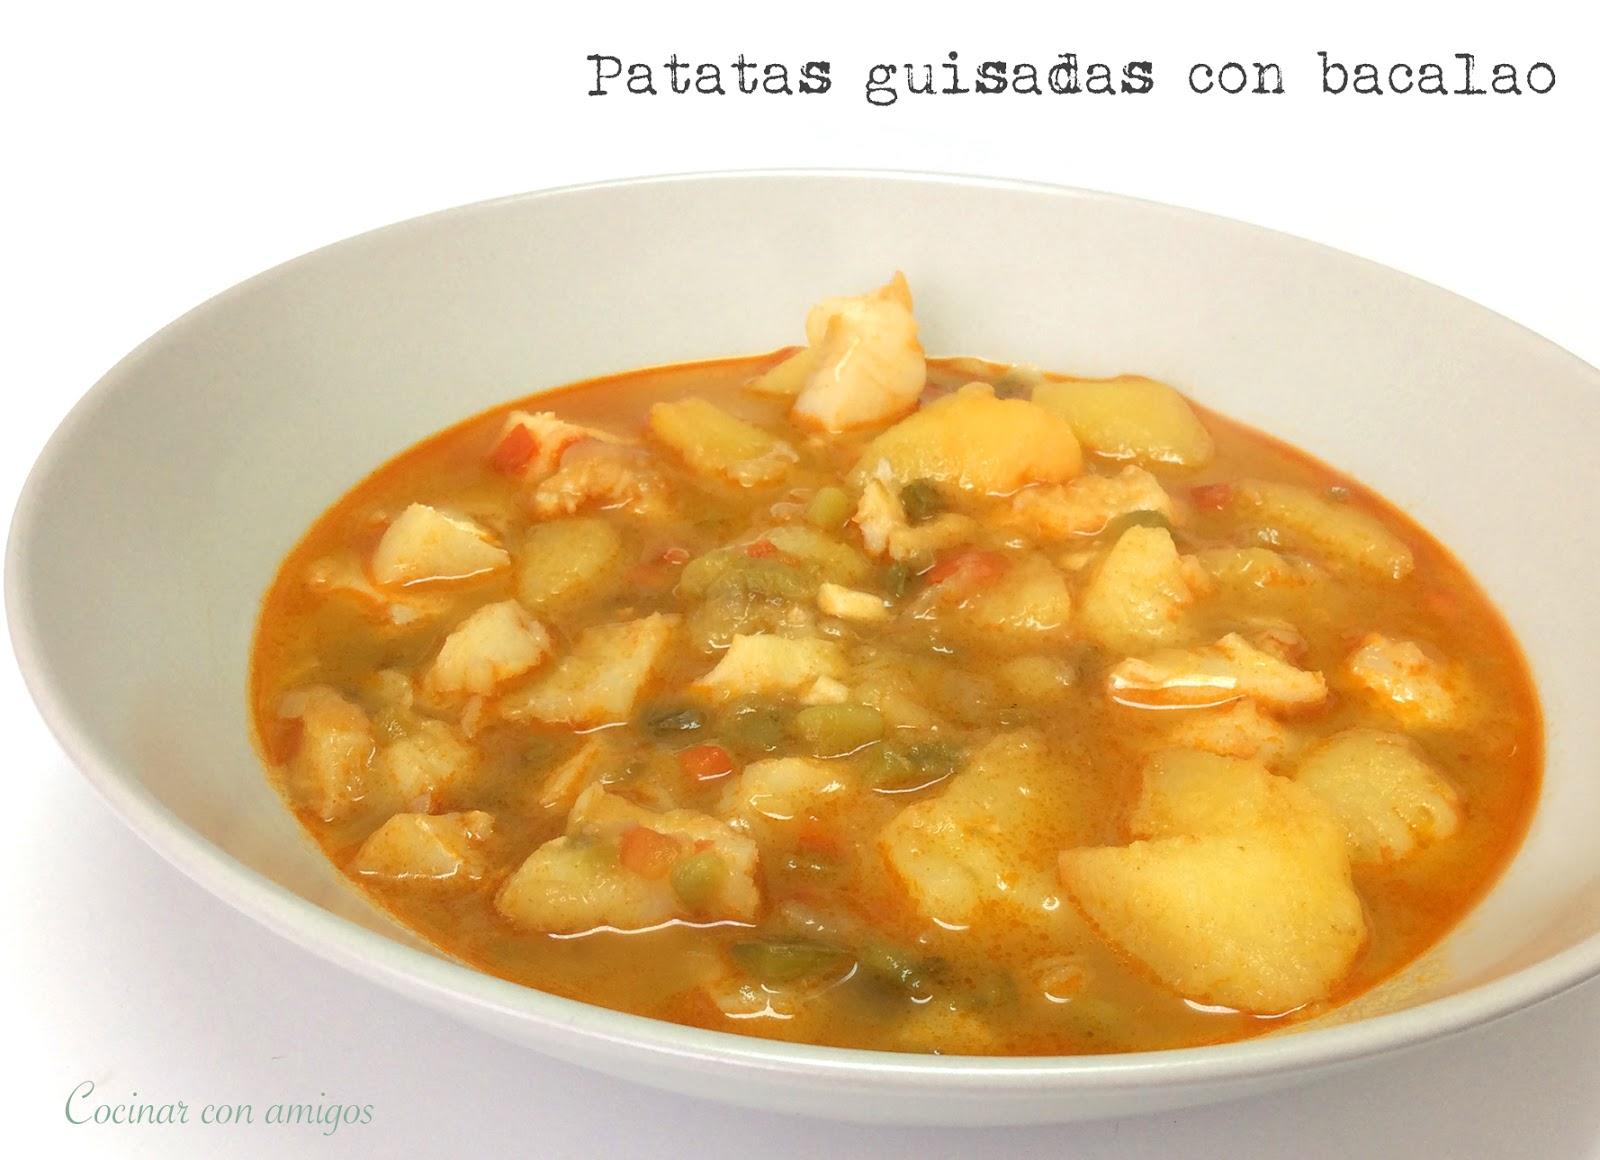 Patatas guisadas con bacalao cocinar con amigos - Bacalao con garbanzos y patatas ...